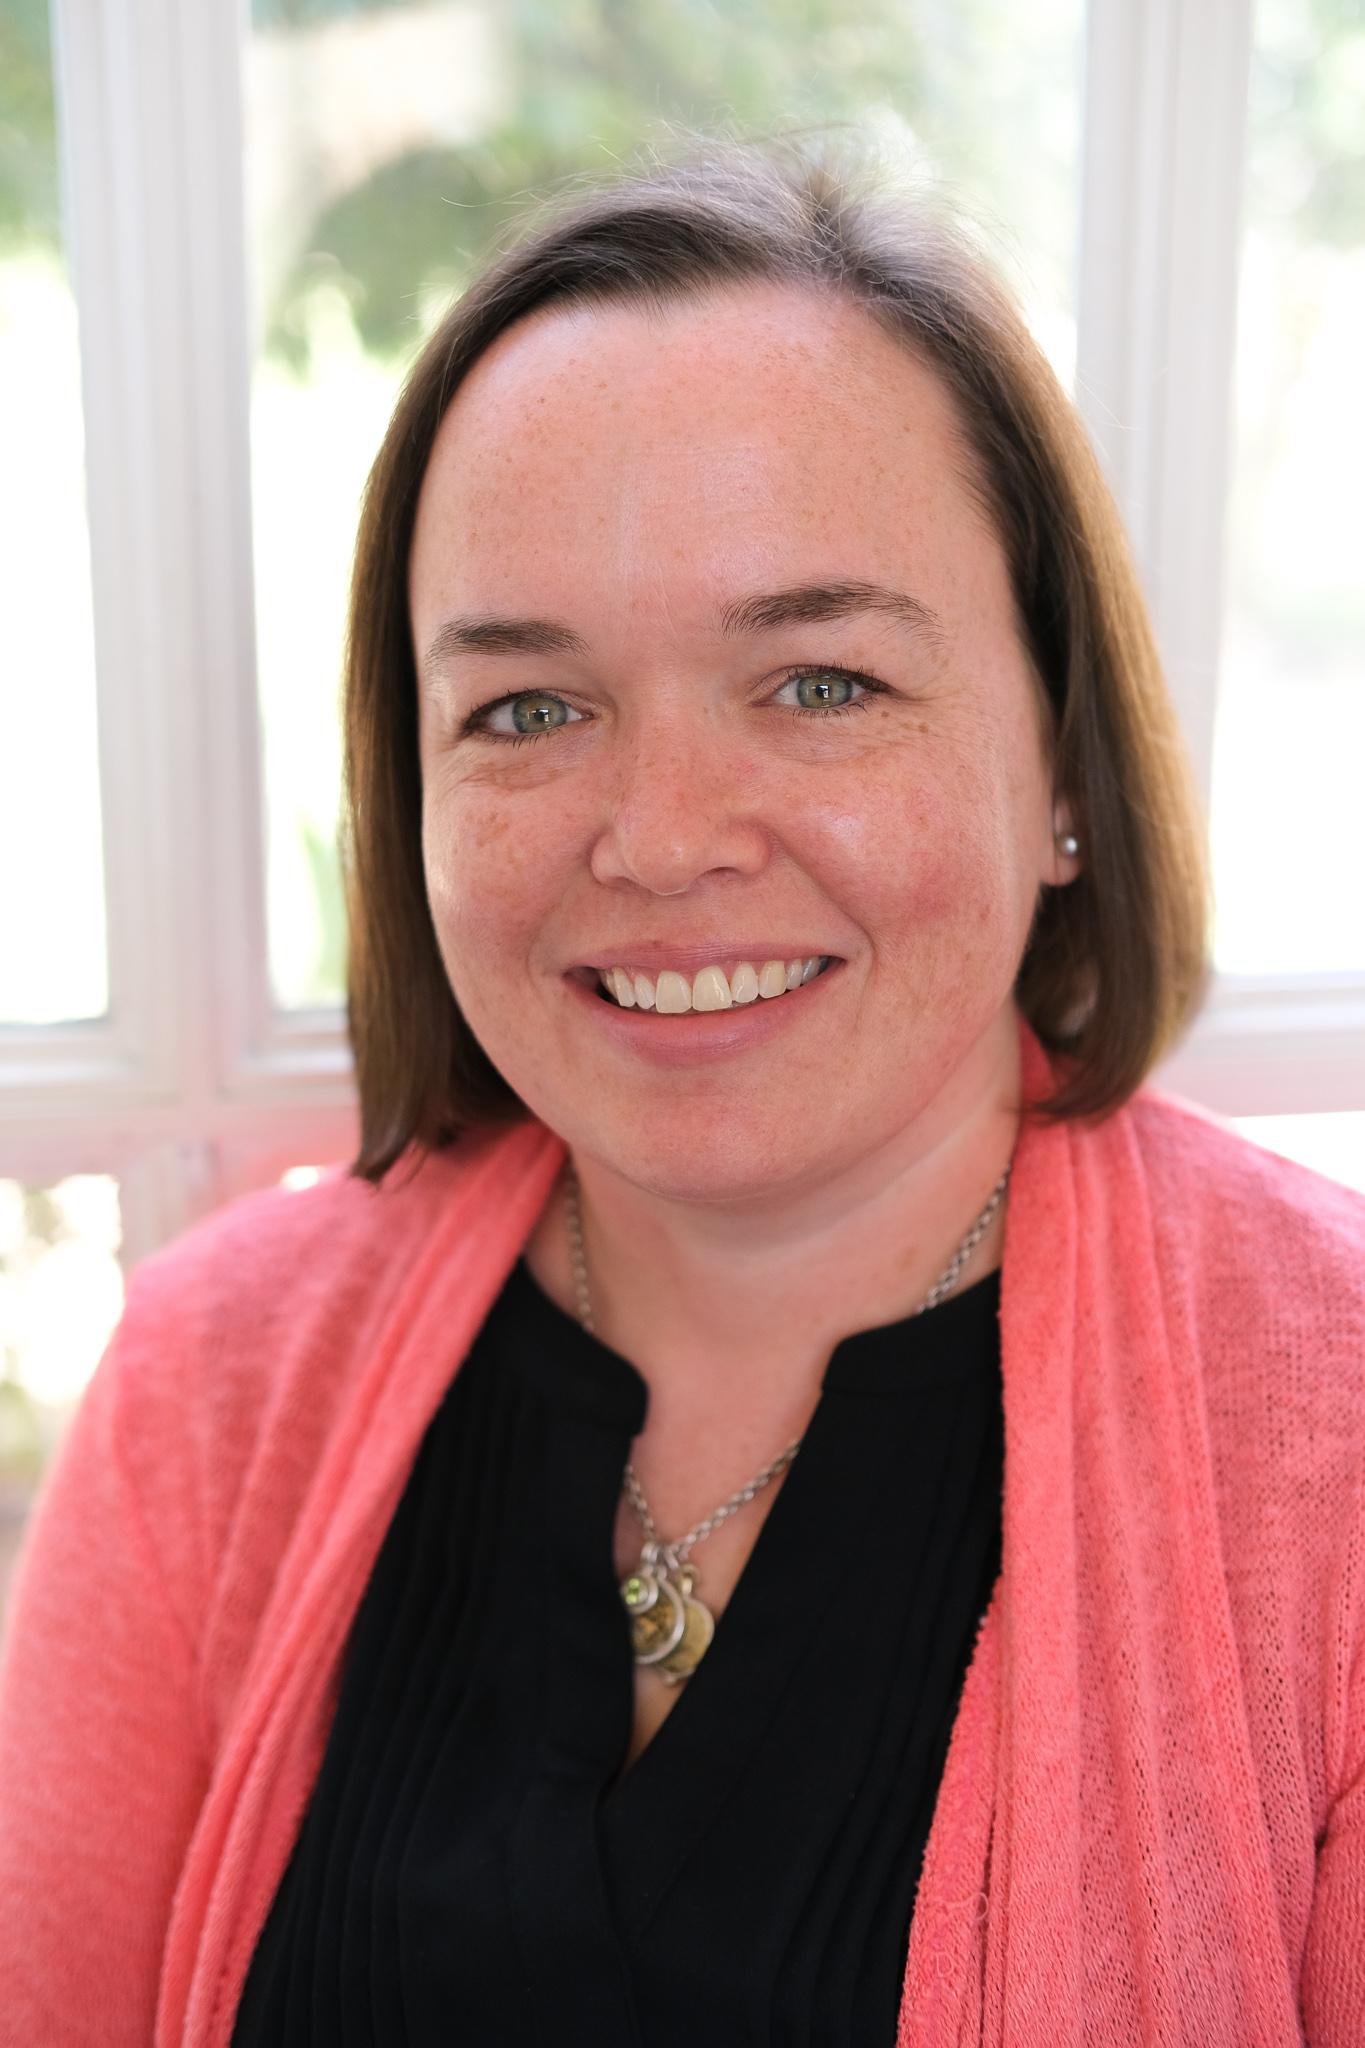 Jennifer Crotts